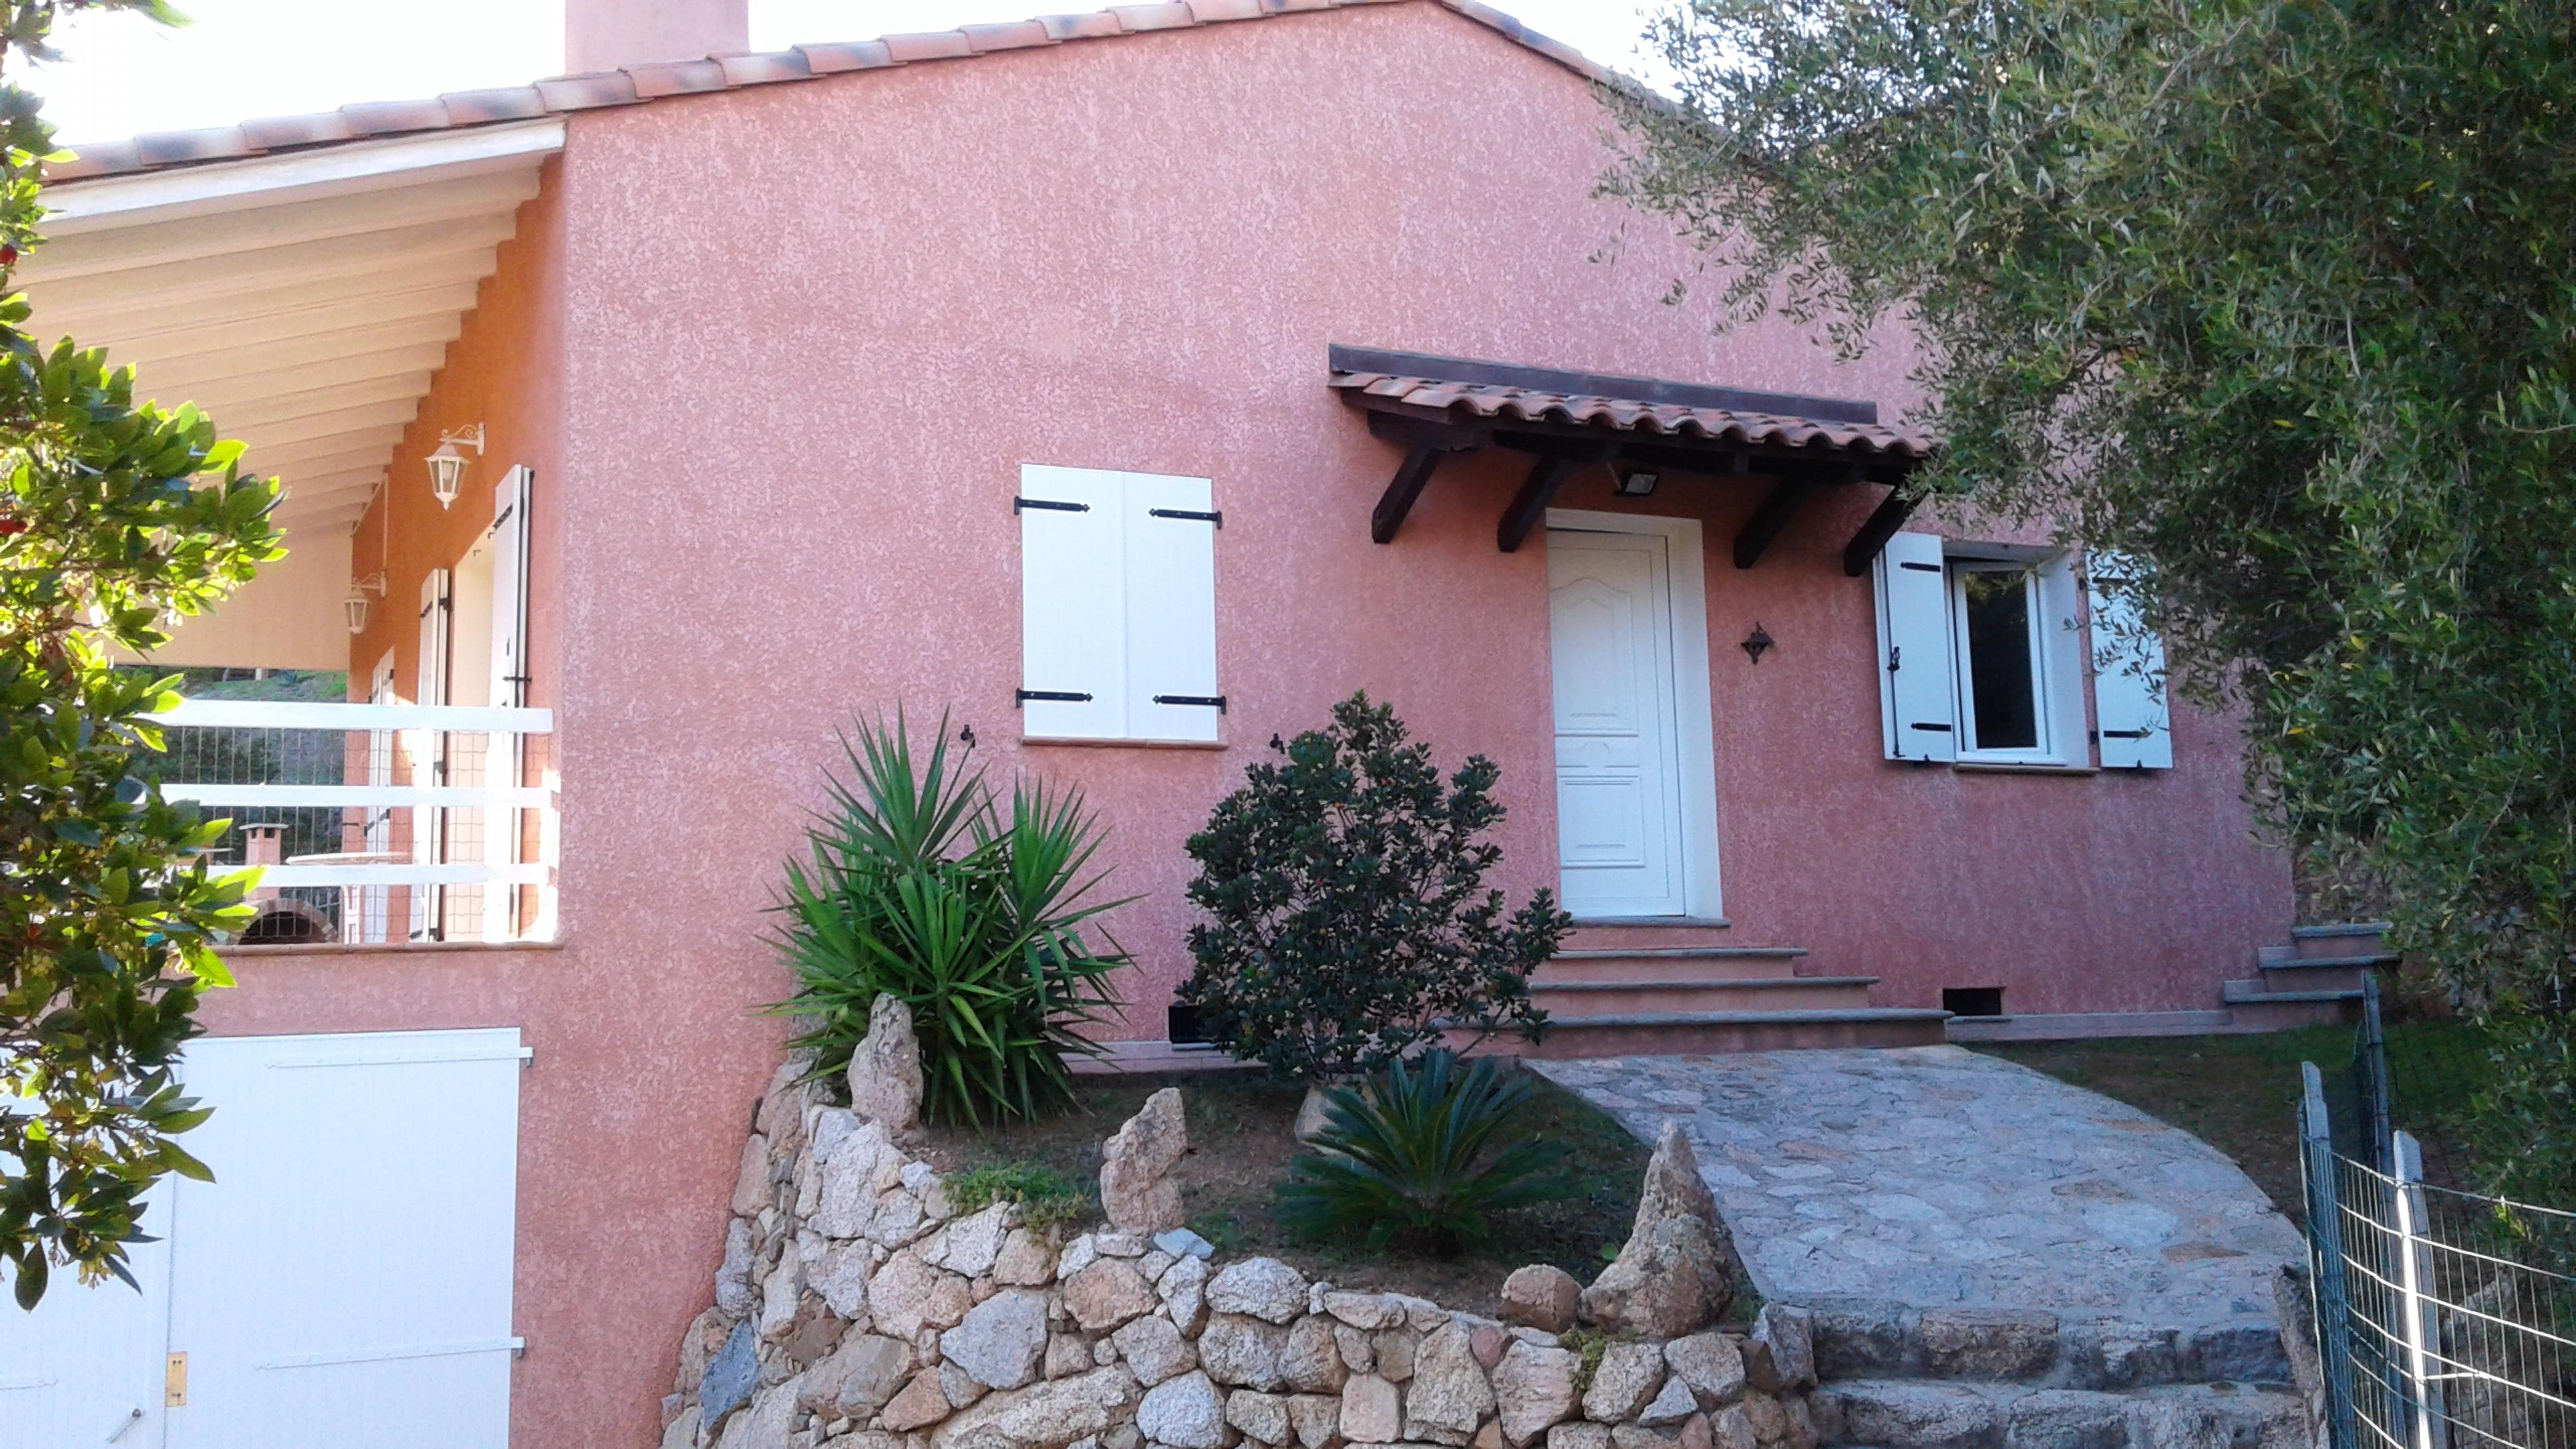 Villa mit 3 Schlafzimmern in Sartène mit ei Villa in Frankreich